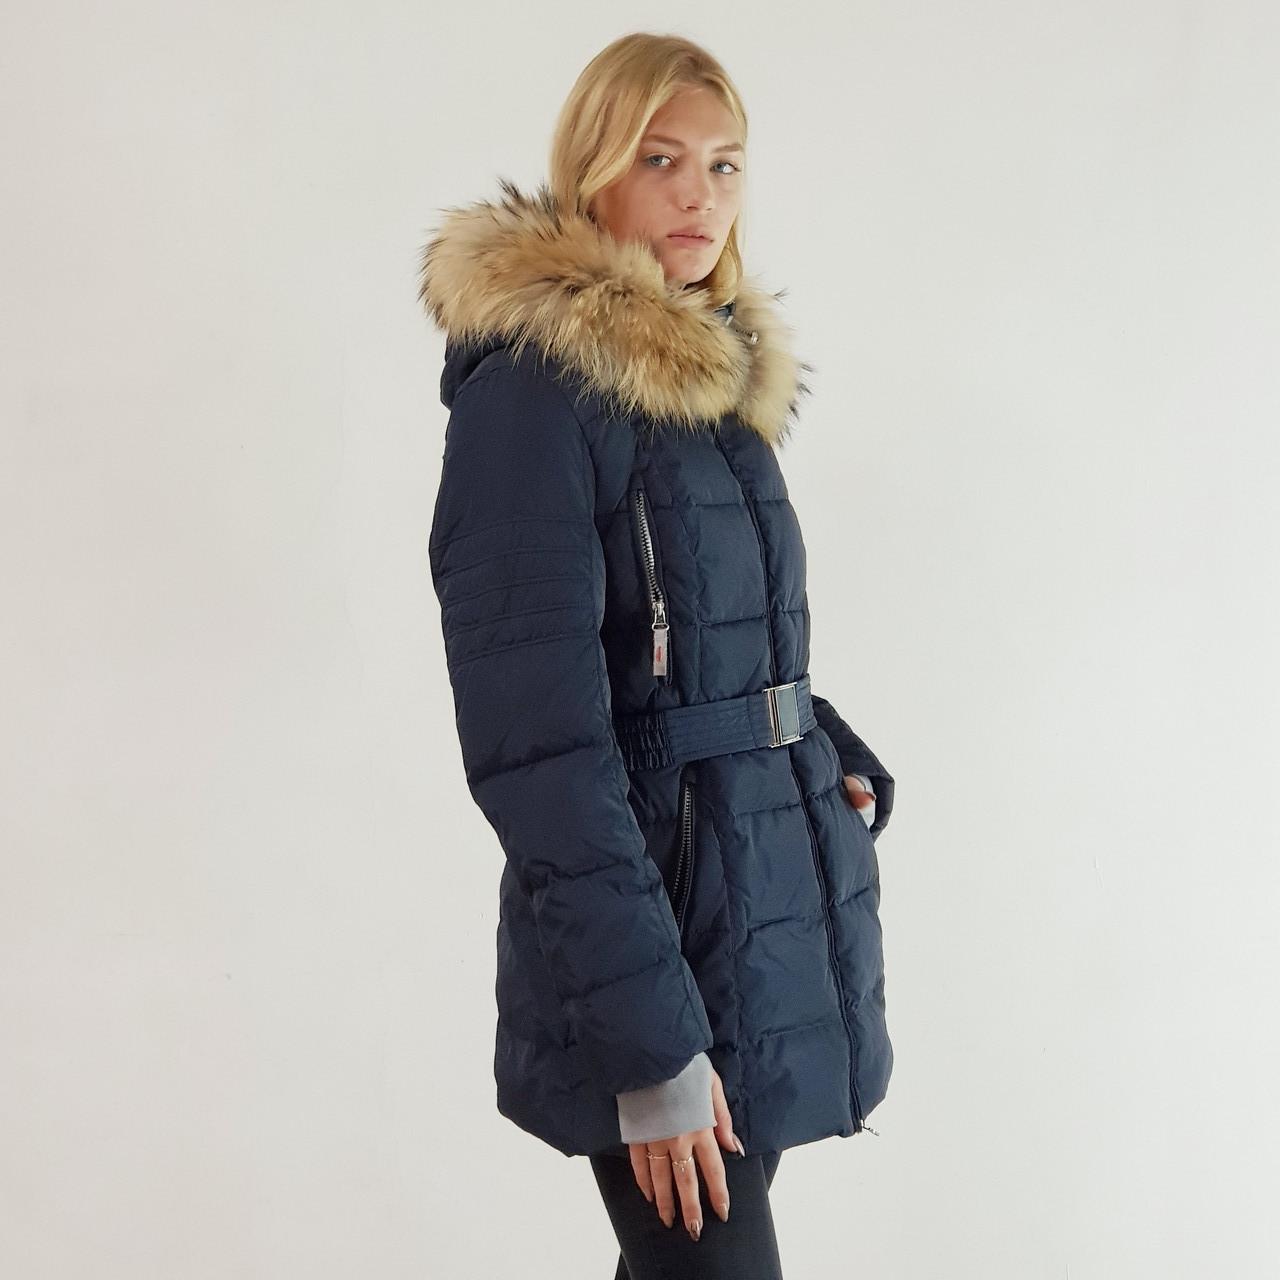 Пальто-пуховик жіночий Snowimage з капюшоном і натуральним хутром синій, довгий, розпродаж